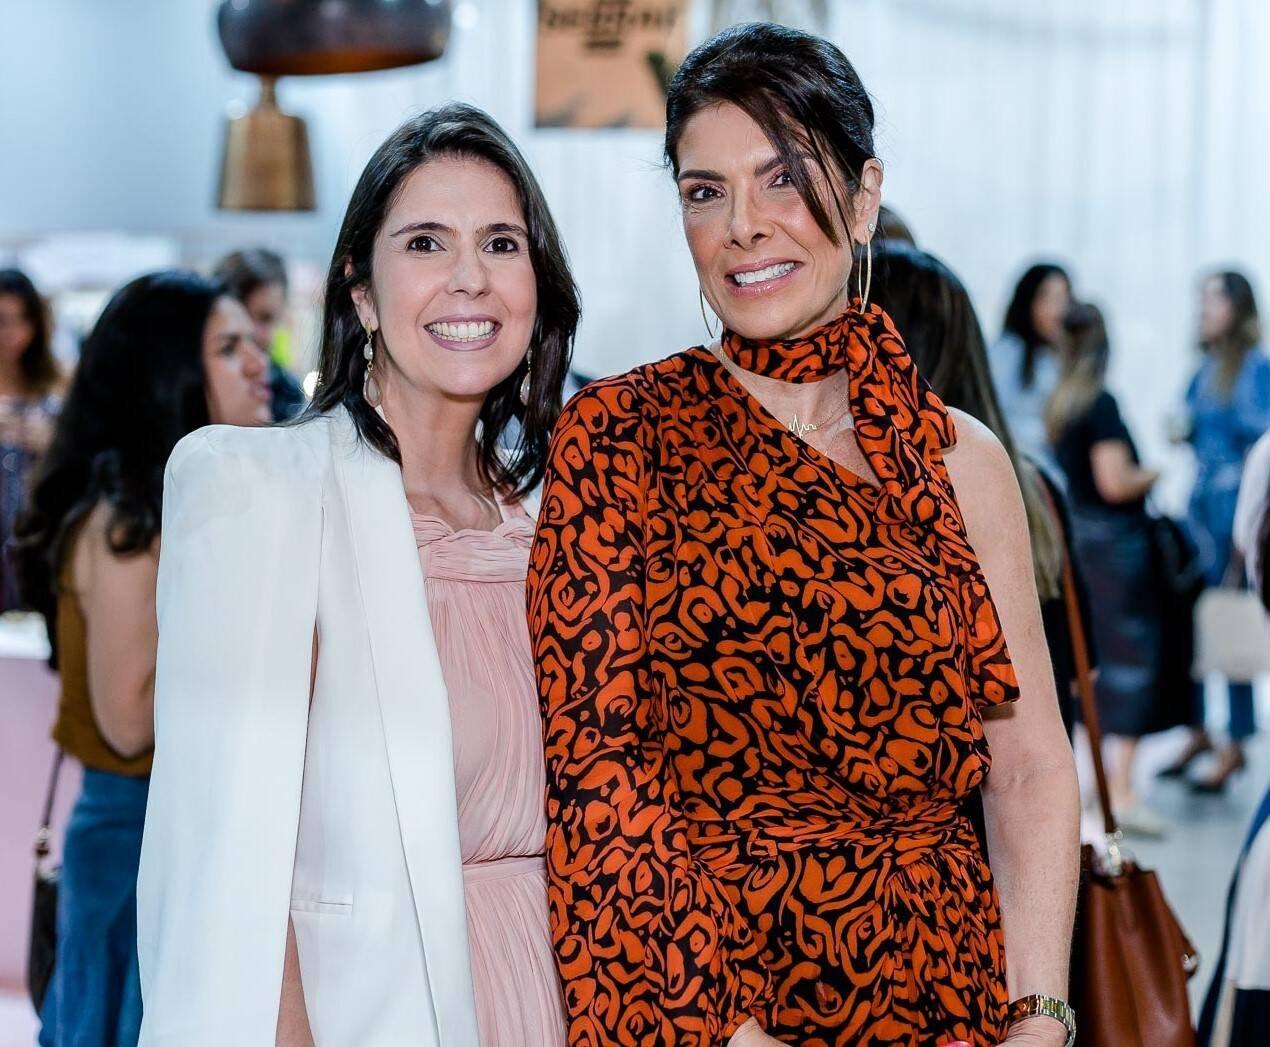 Fabiana Leite e Patricia Brandão /Foto: Bruno Ryfer